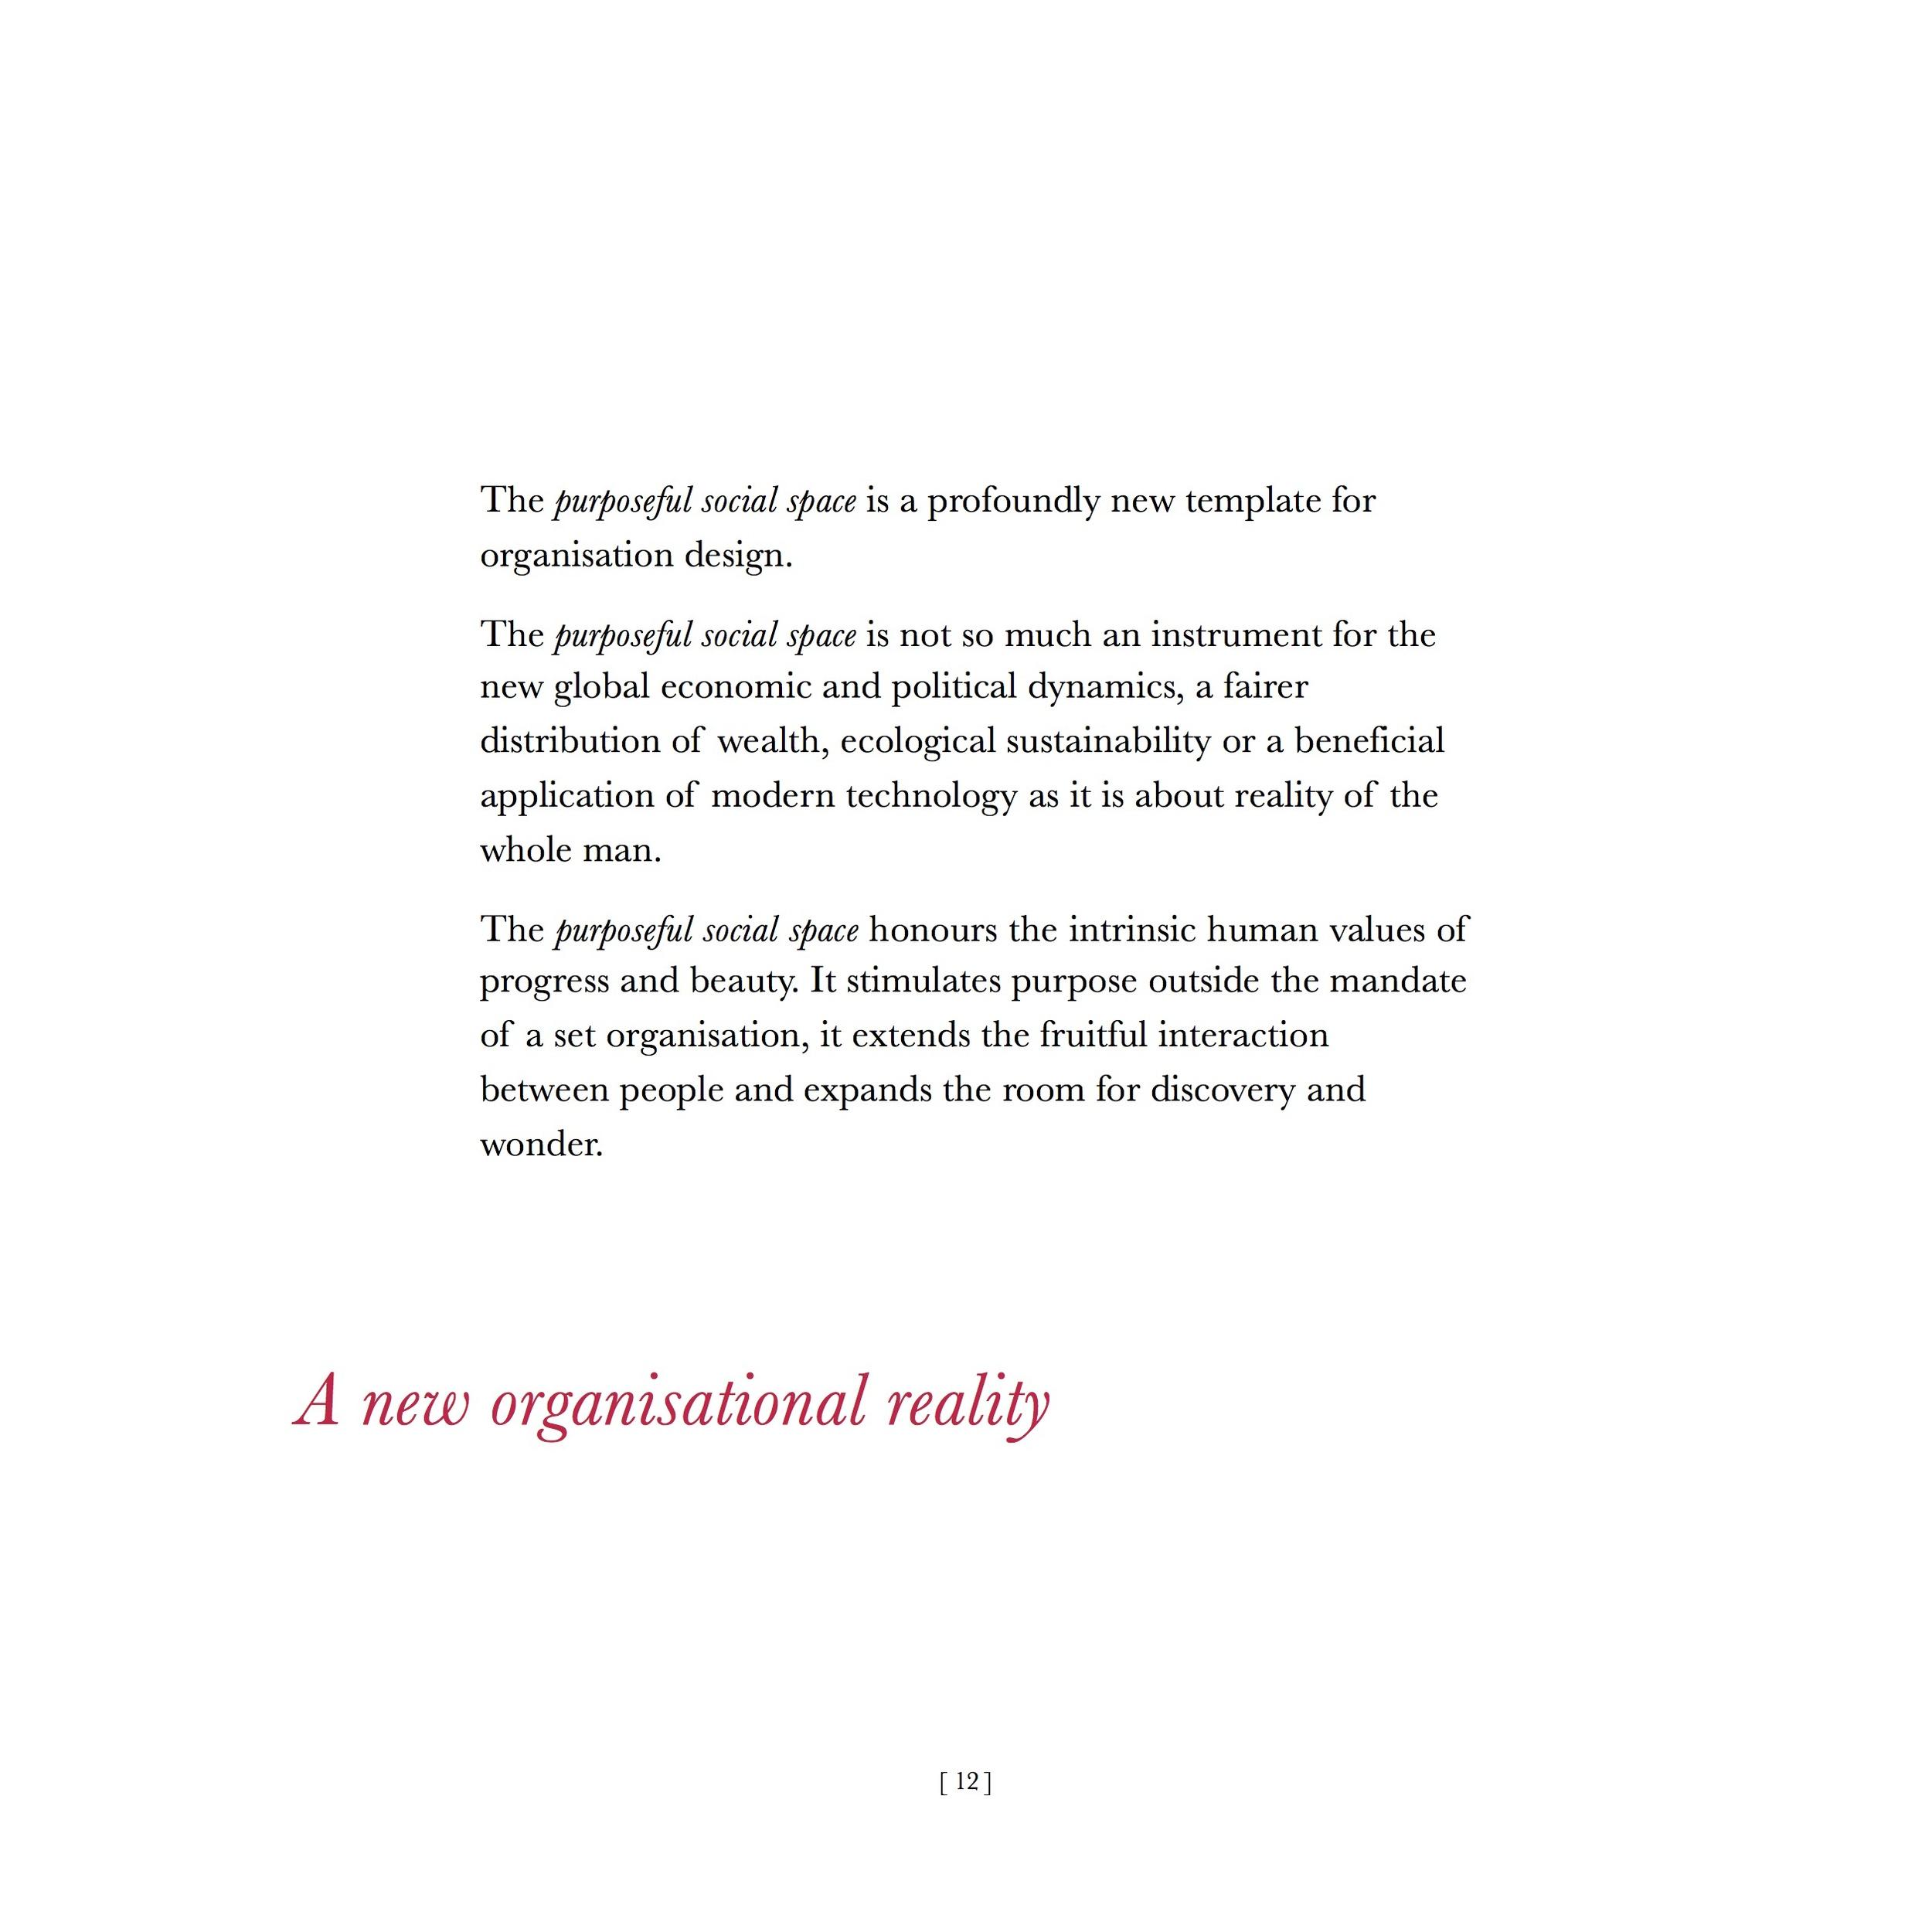 Manifesto v09.1.1 p12.jpg